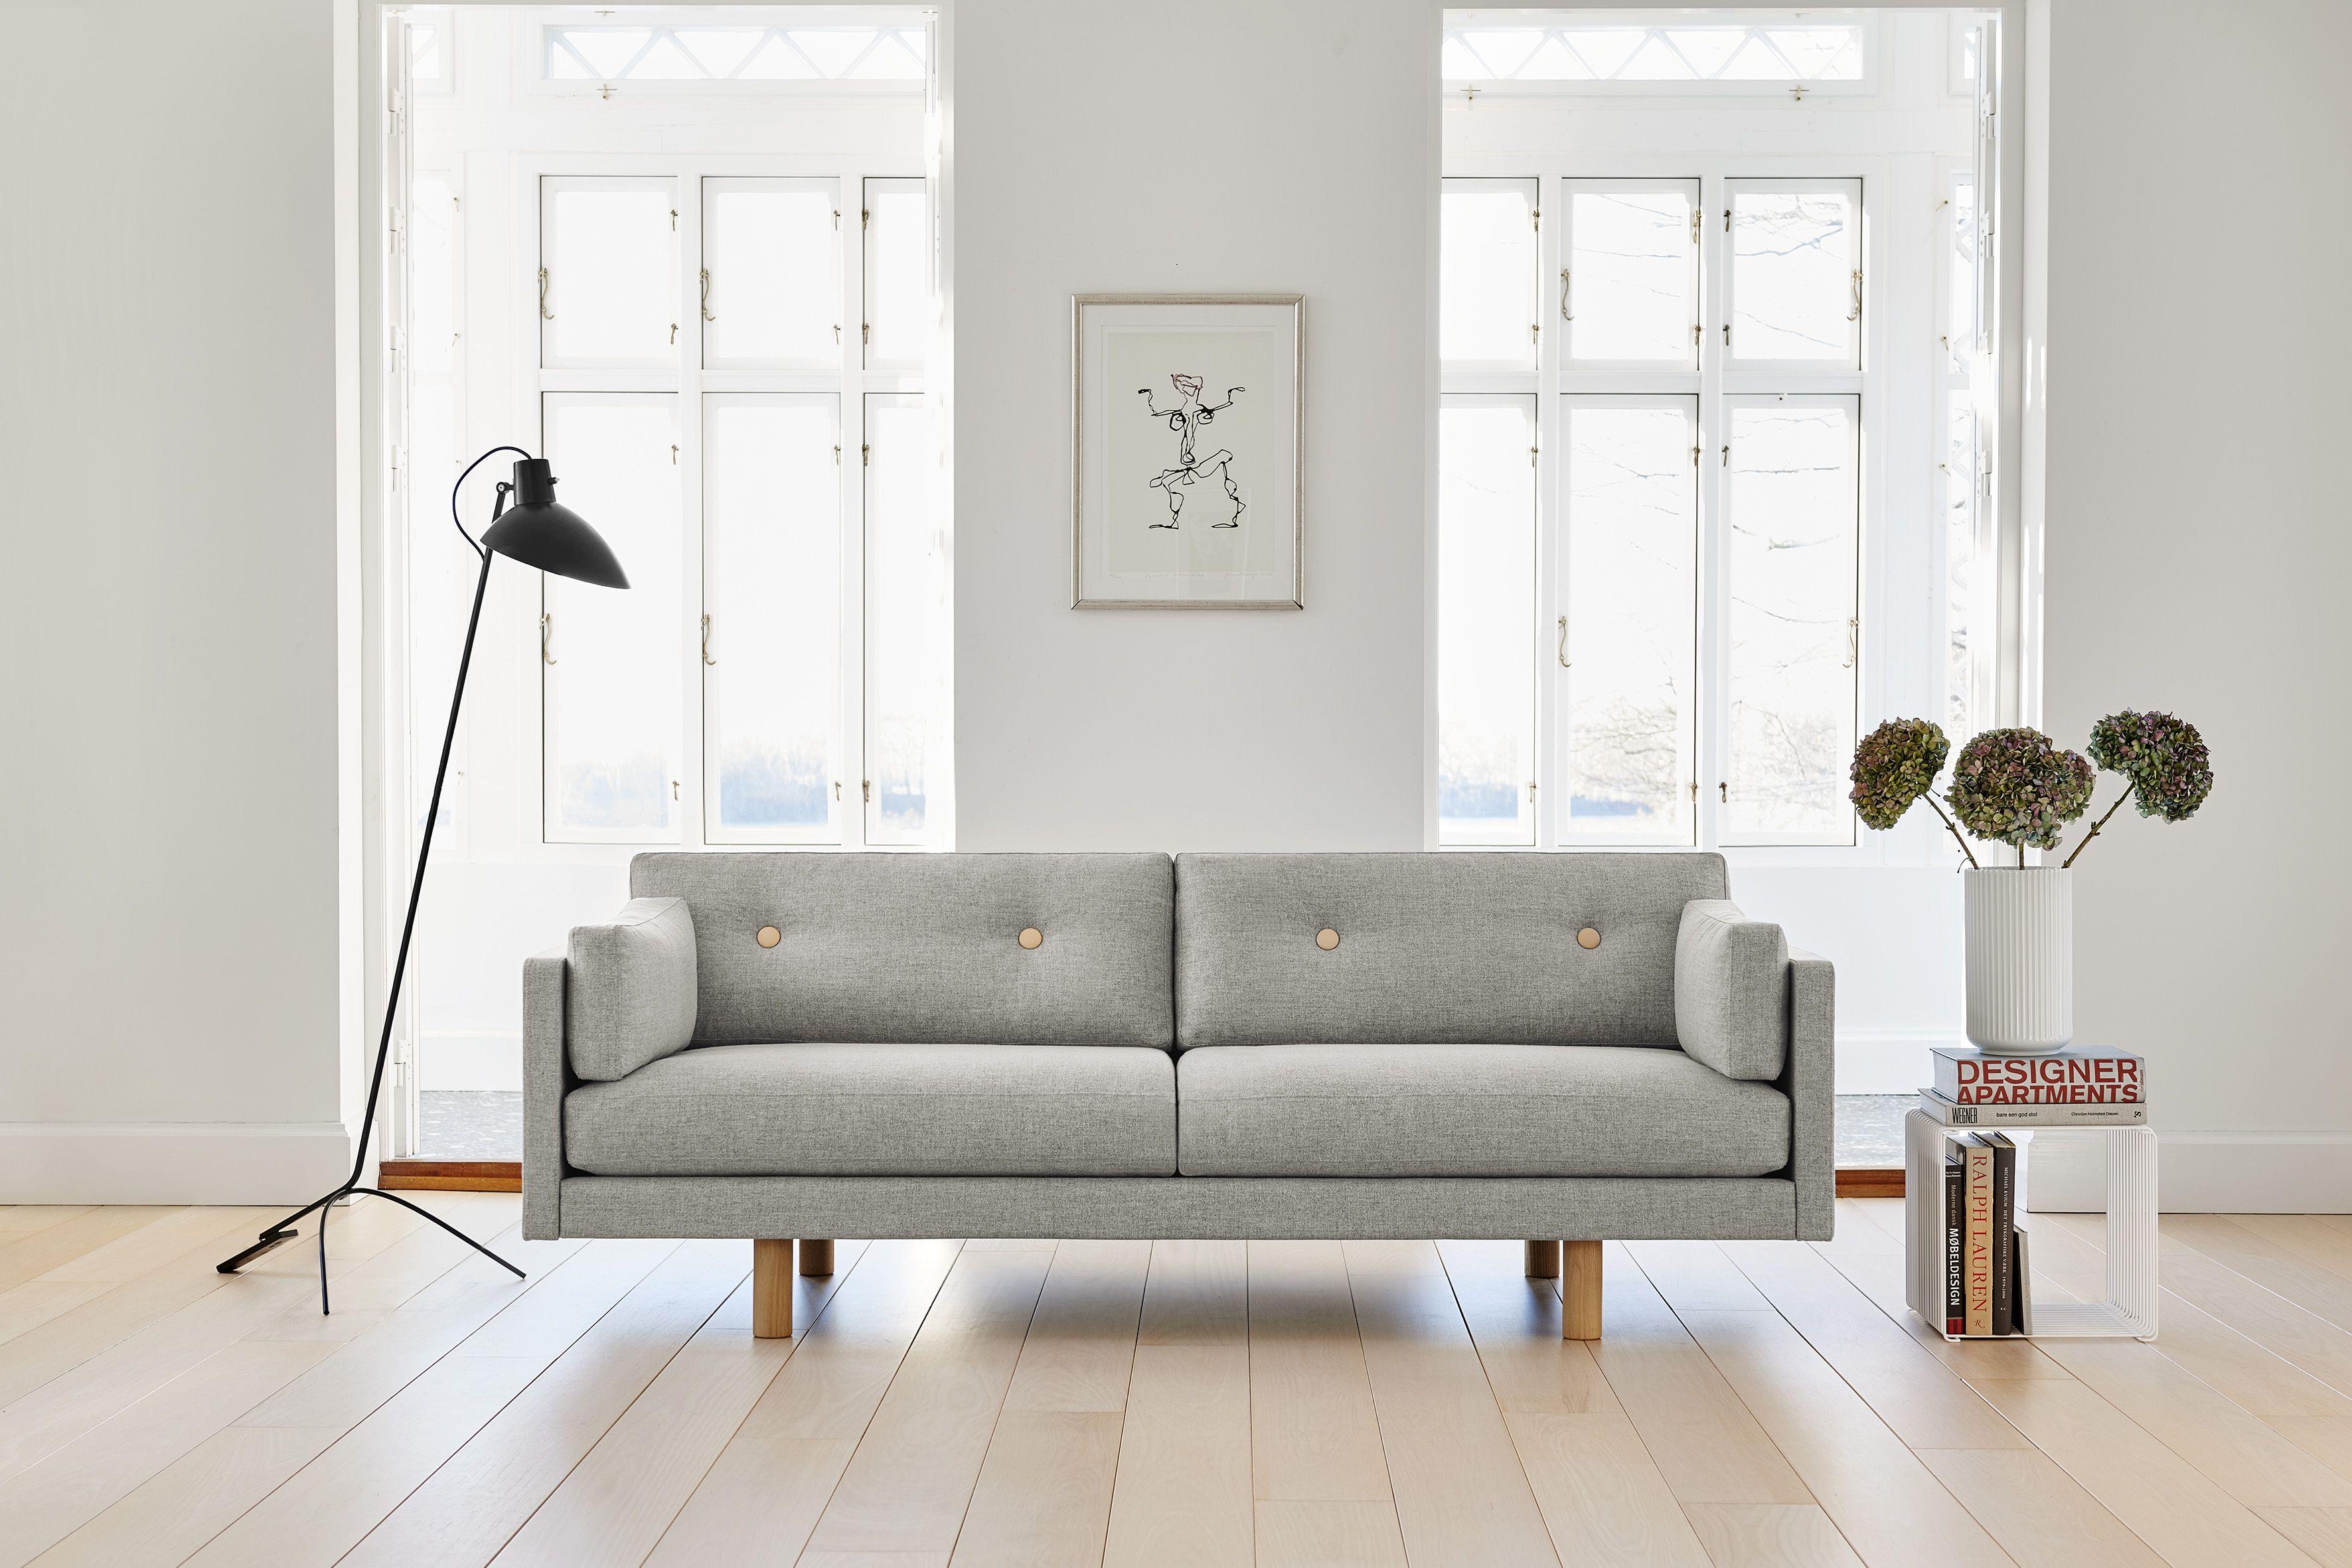 Erik Jorgensen Ej220 270 Med Bilder Mobeldesign Hus